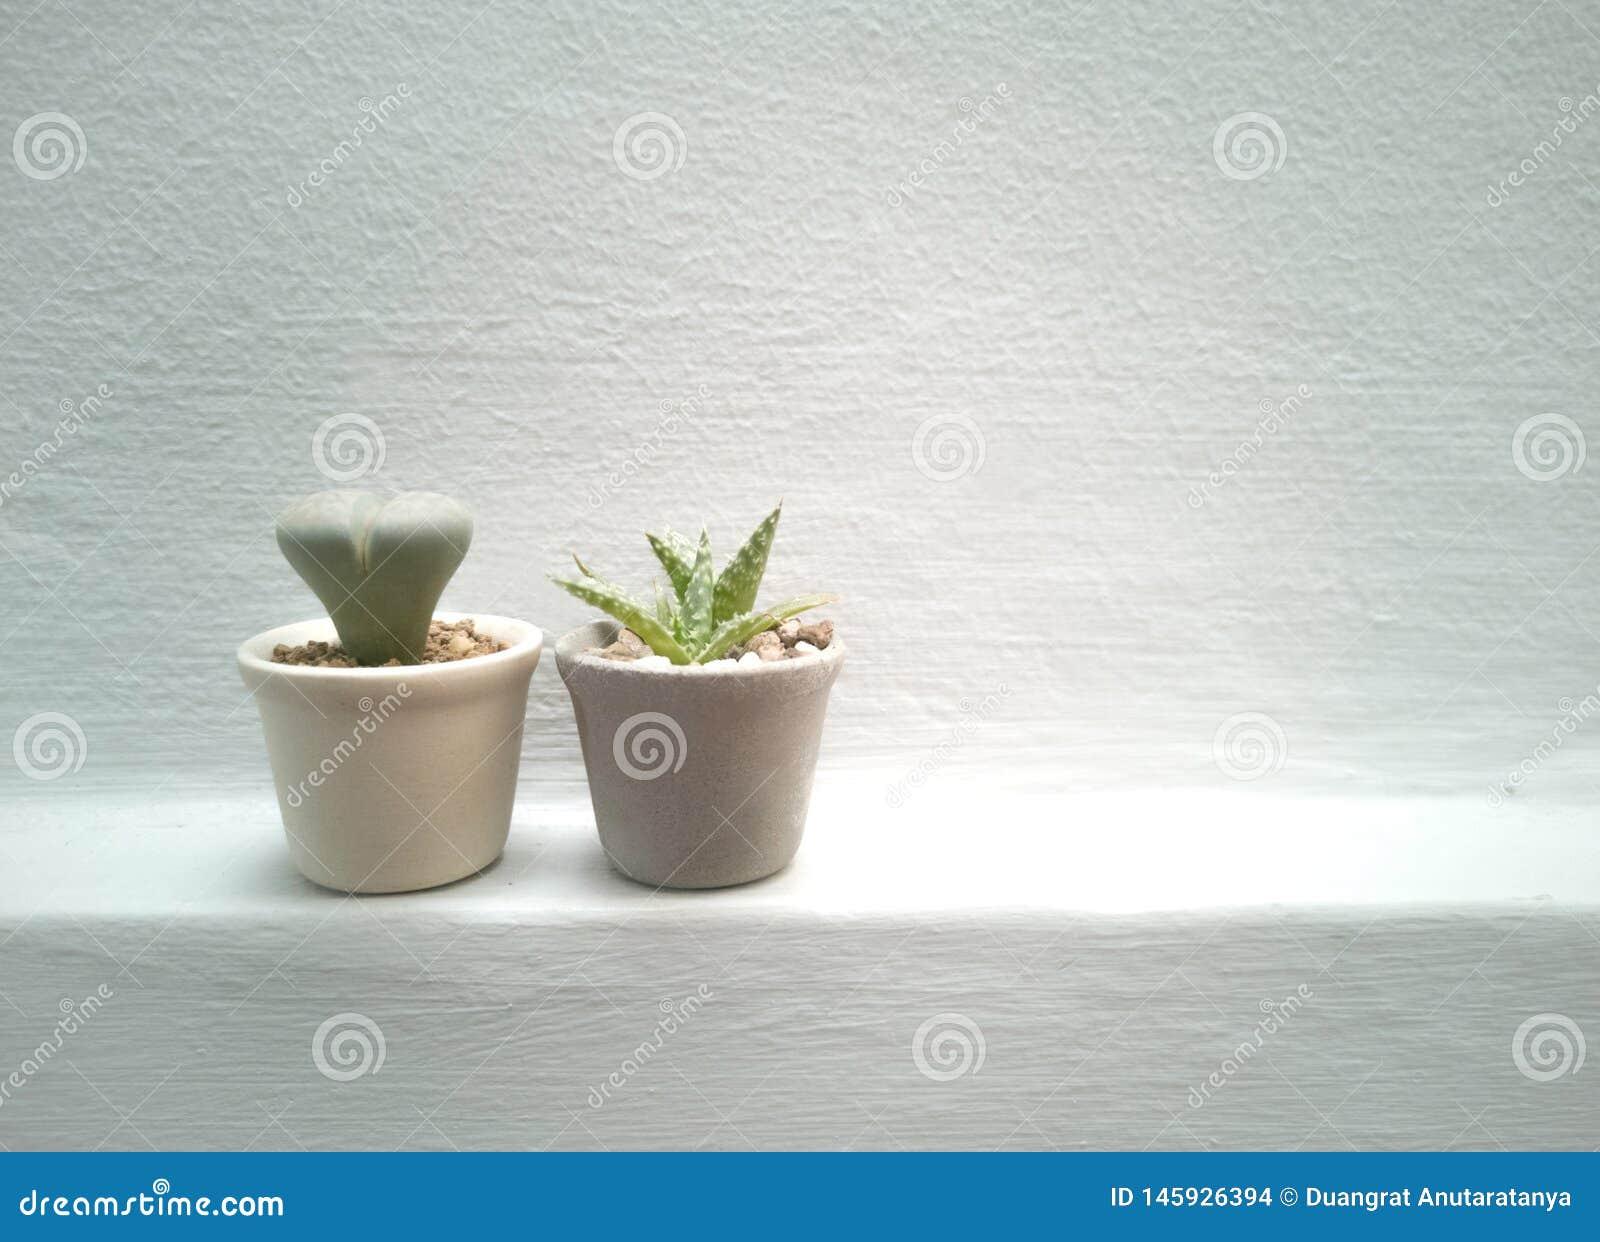 Huisinstallaties, succulents, cactus en binnen ingemaakte installaties en botanisch voor de binnentuin - beeld